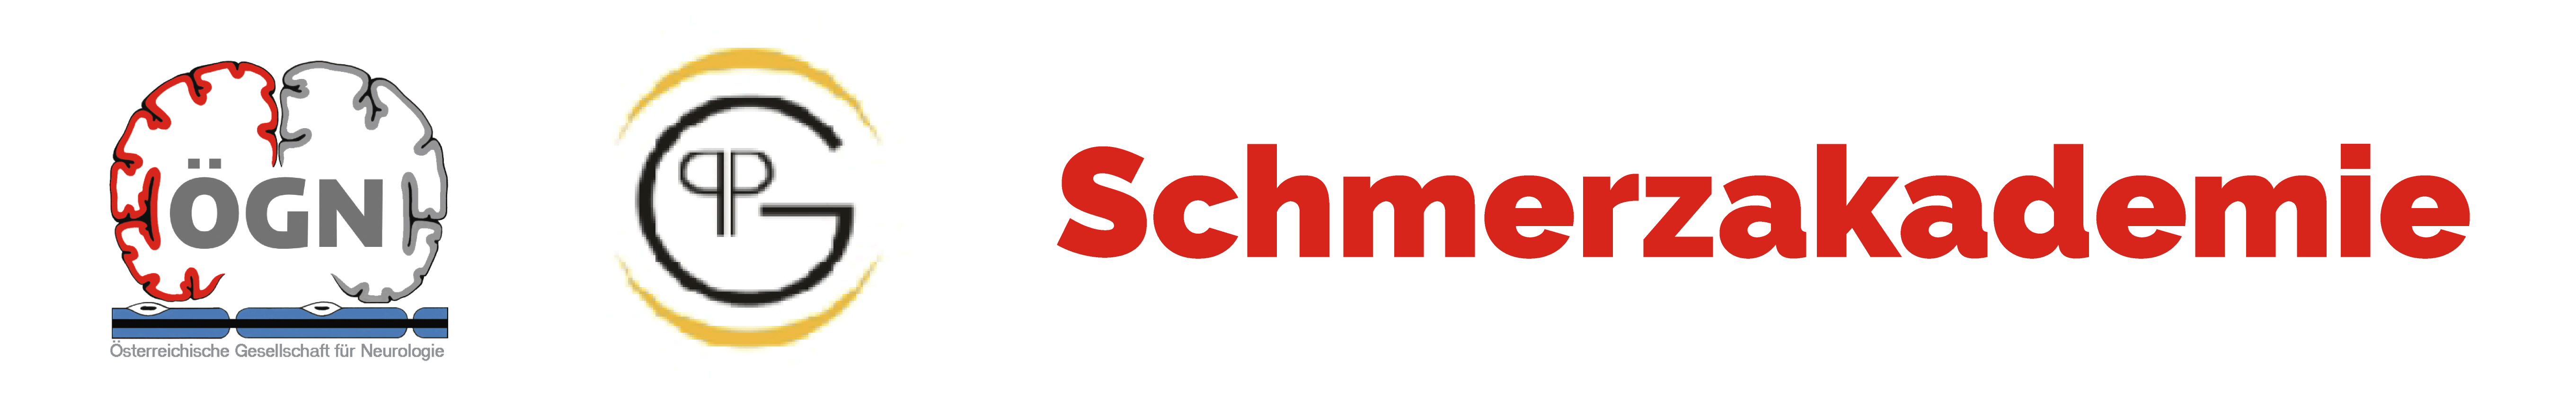 Schmerzakademie